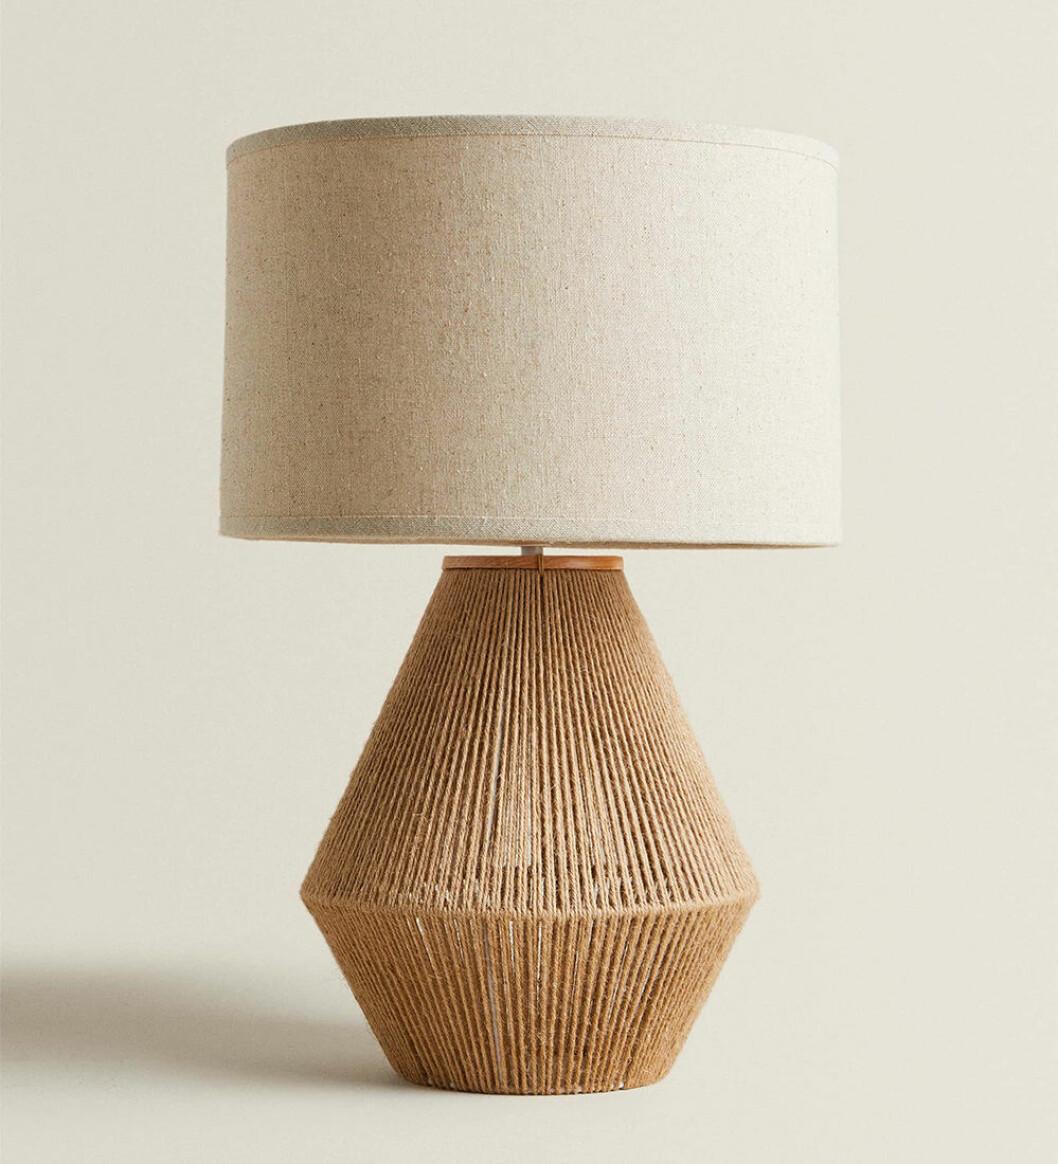 Lampa i jute från Zara Home